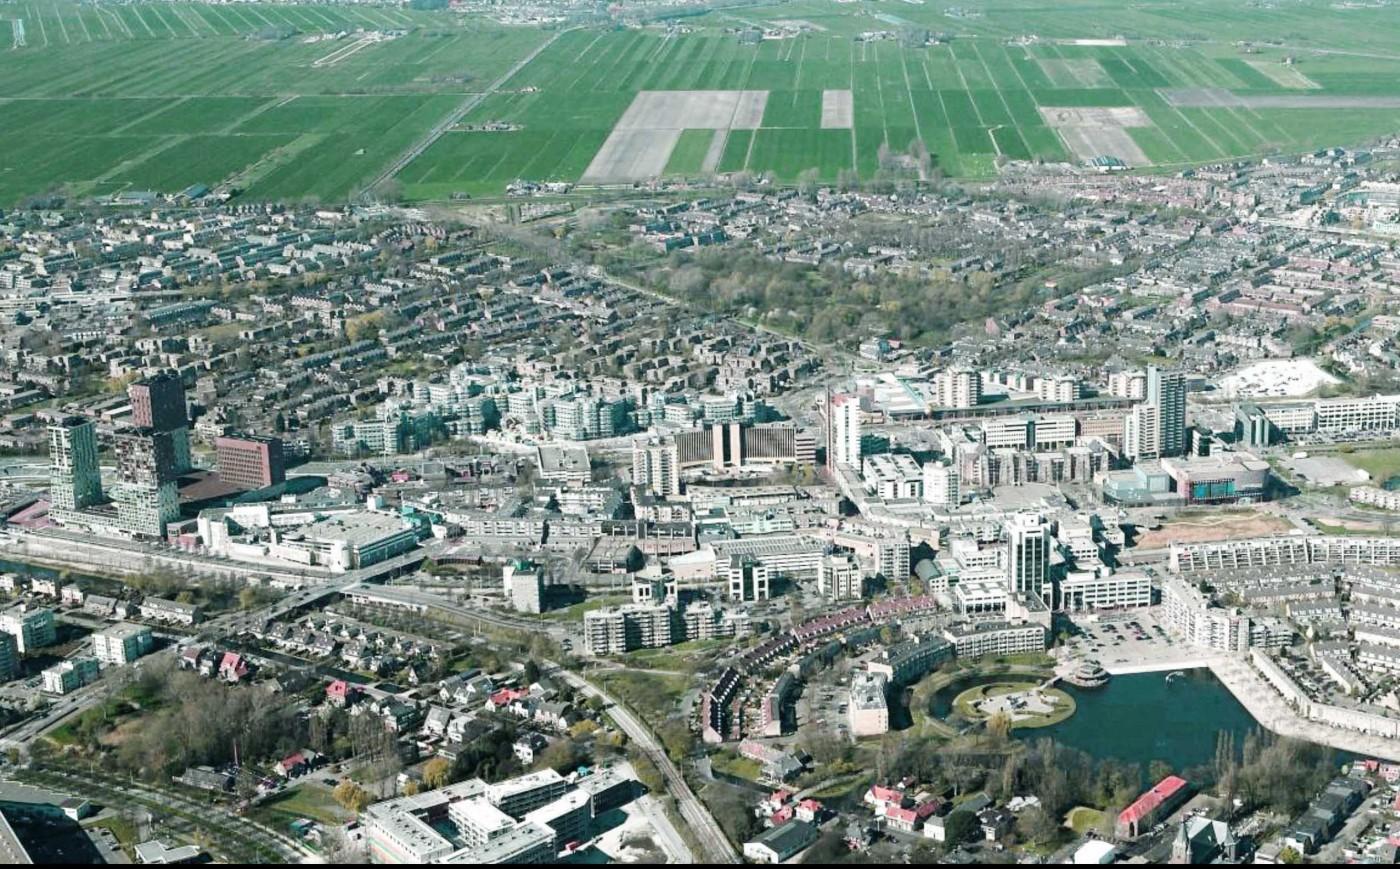 buro-sant-en-co-landschapsarchitectuur-den haag-stadshart-zoetermeer-centrum-ontwikkeling-herinrichting-ontwerp-luchtfoto